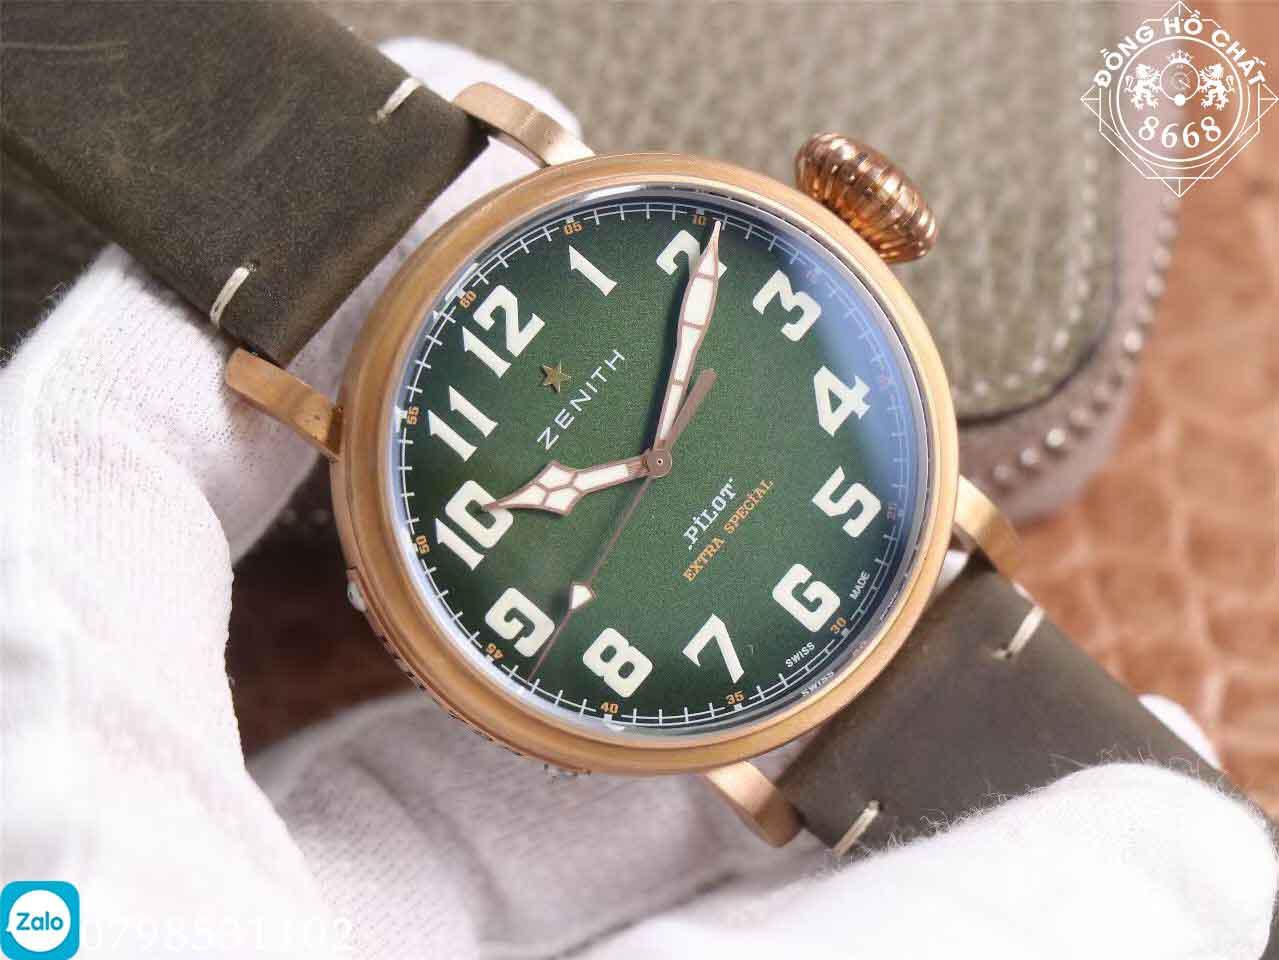 tổng thể thiết kế theo chuẩn 1:1 bản hãng của đồng hồ nam zenith cao cấp